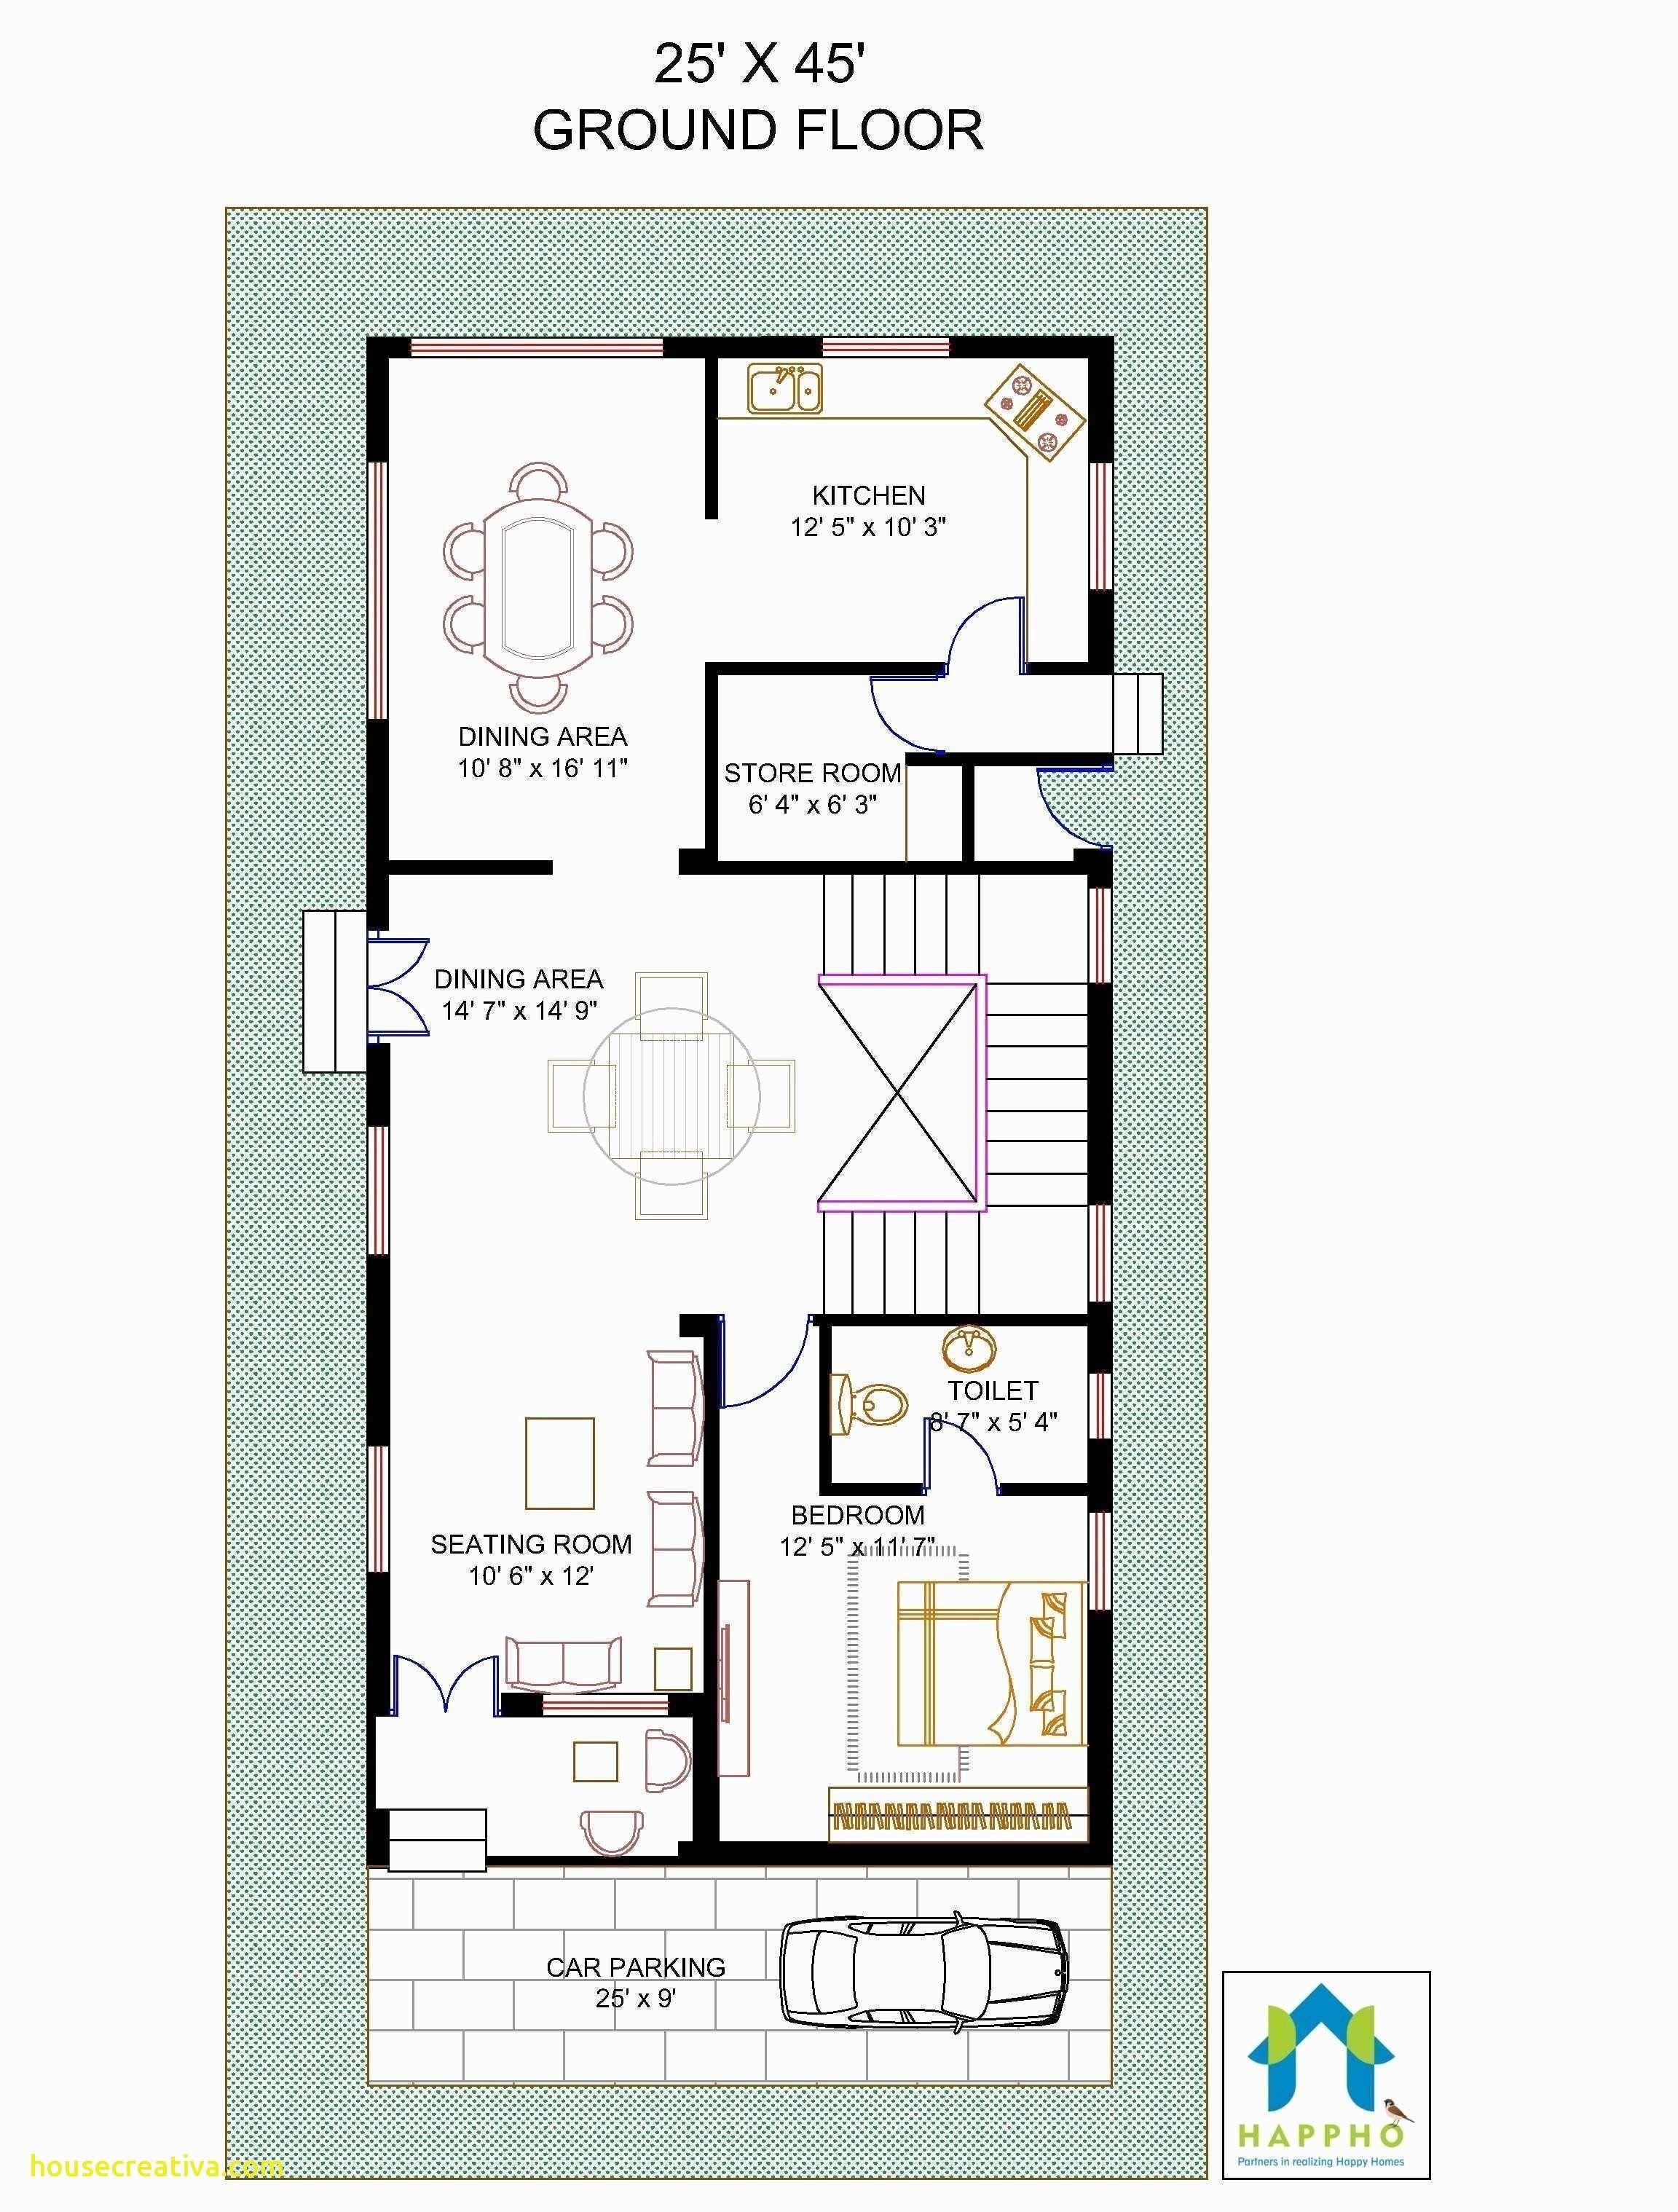 1200 Sq Foot House Plans Unique 500 600 Sq Ft House Plans Beautiful Shop House Plans Pole Barn House Plans Duplex House Plans